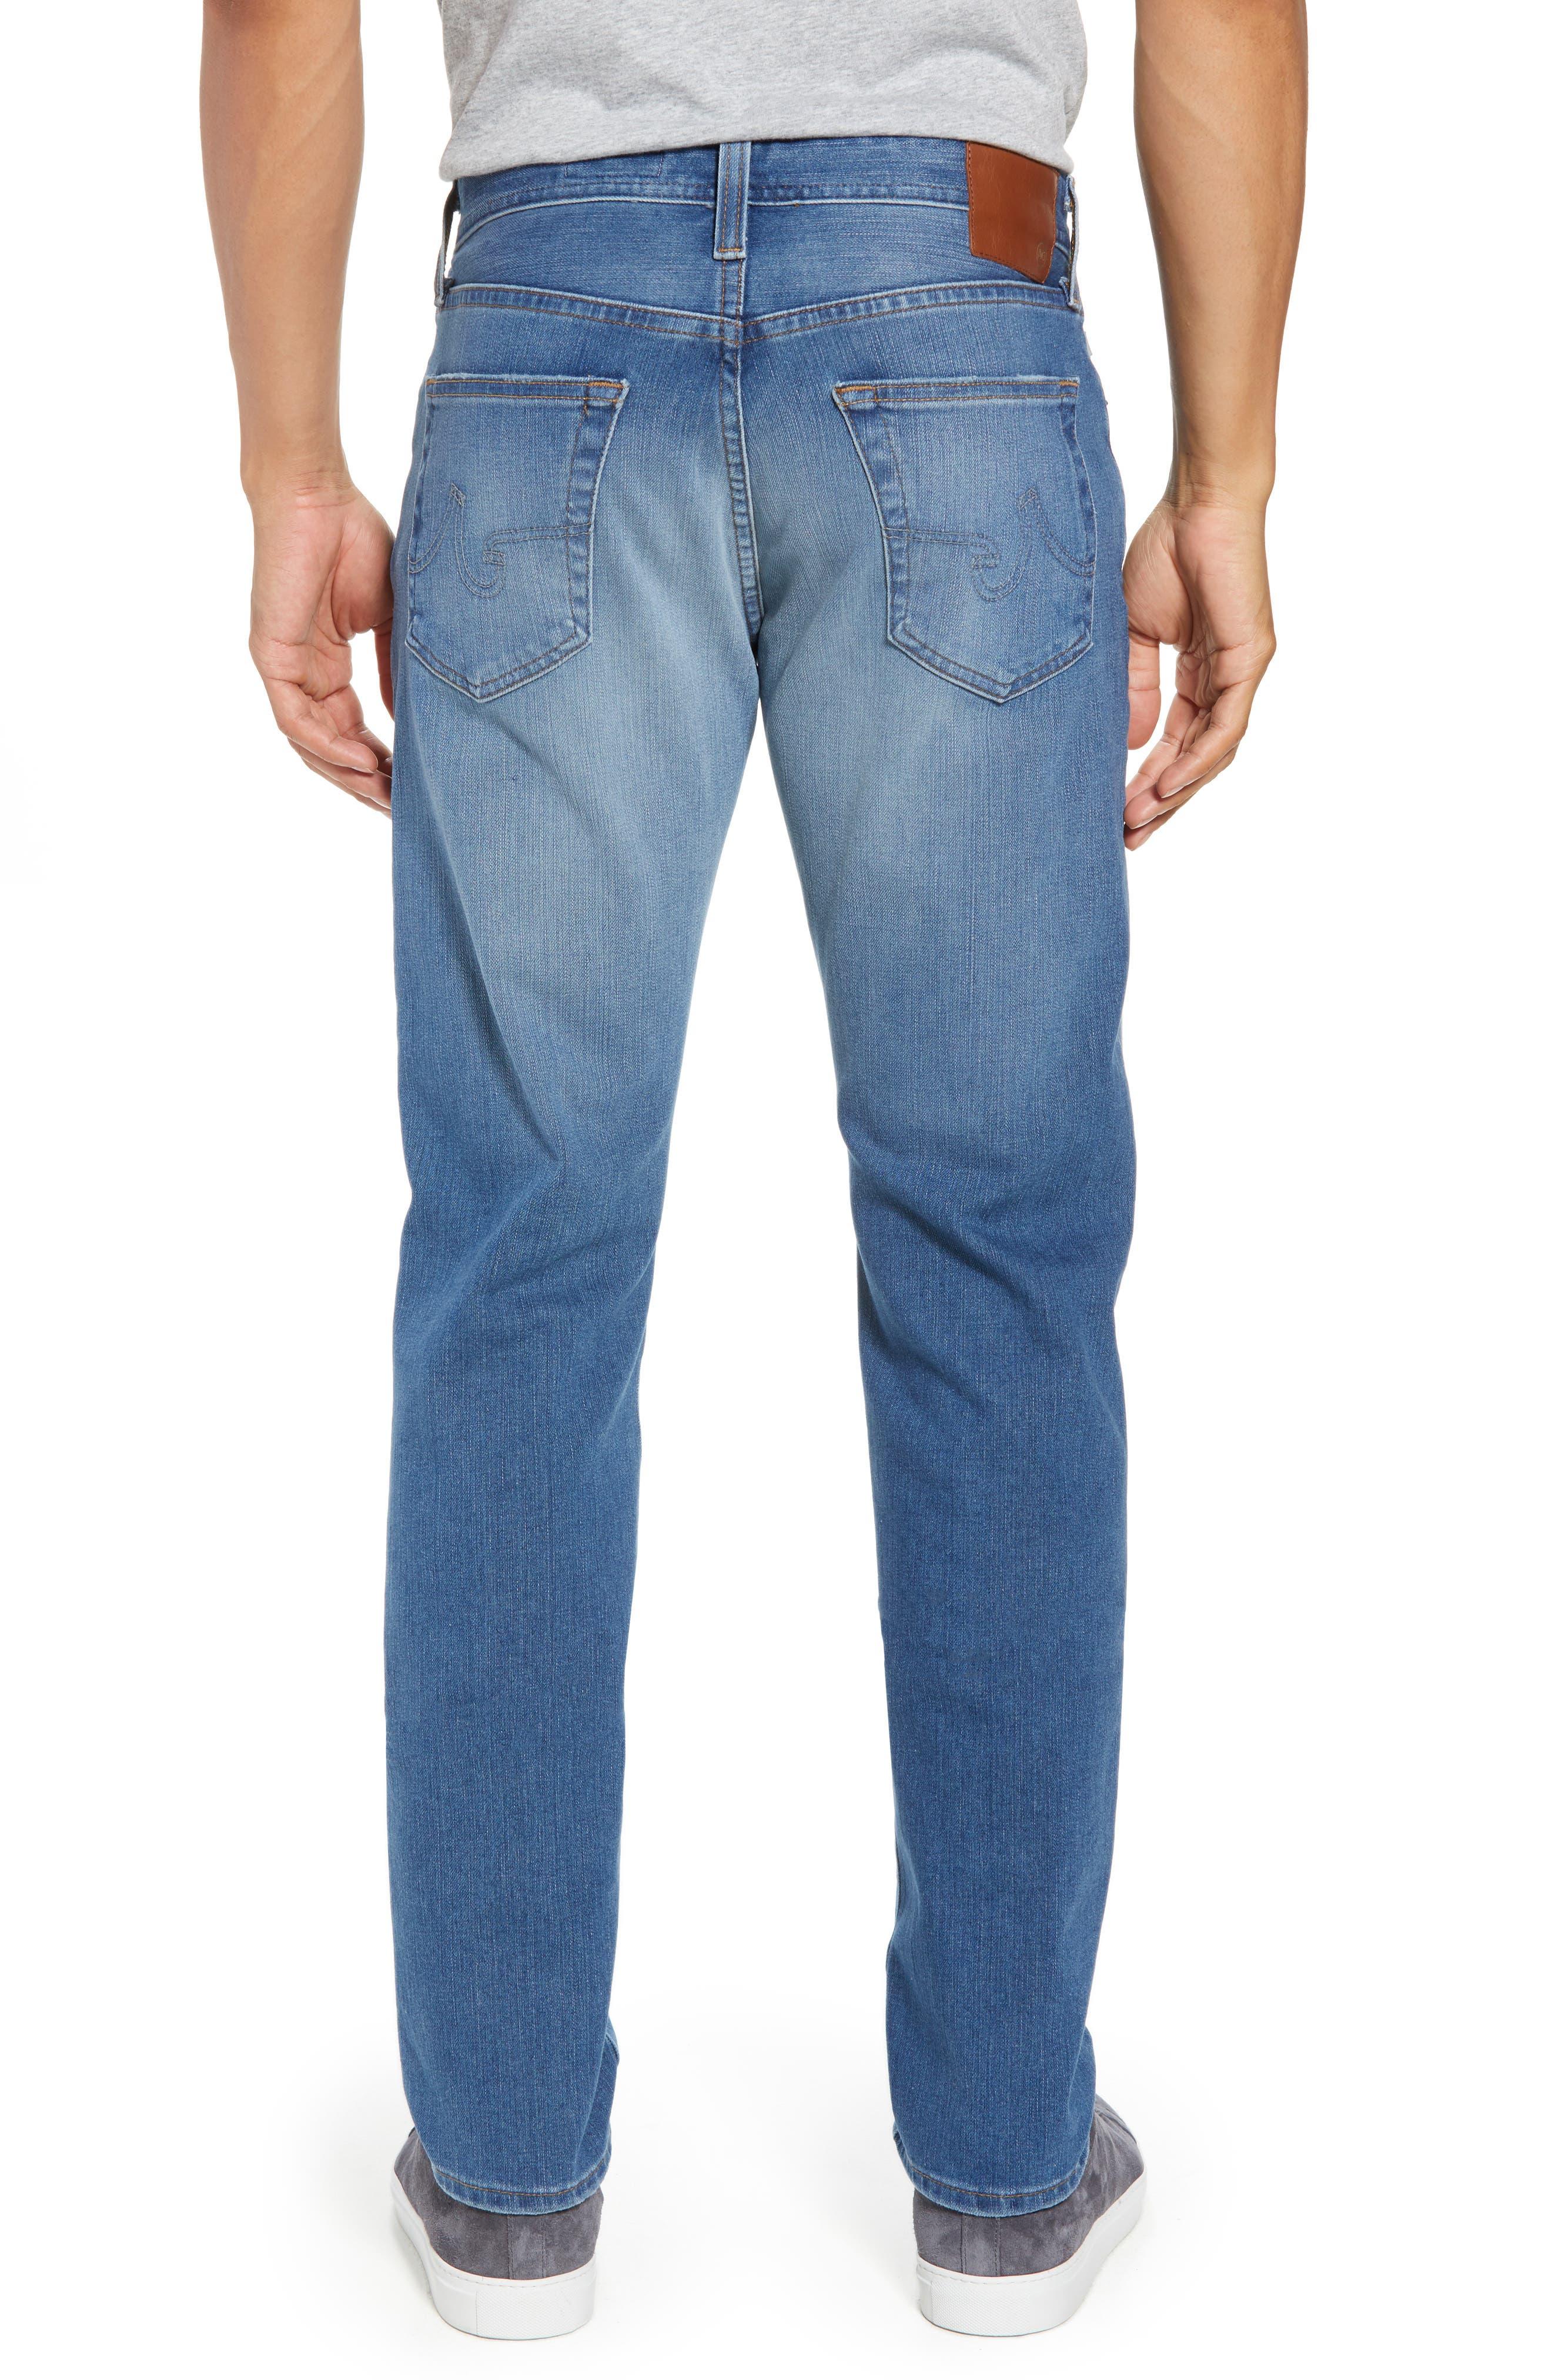 Everett Slim Straight Leg Jeans,                             Alternate thumbnail 2, color,                             Merchant